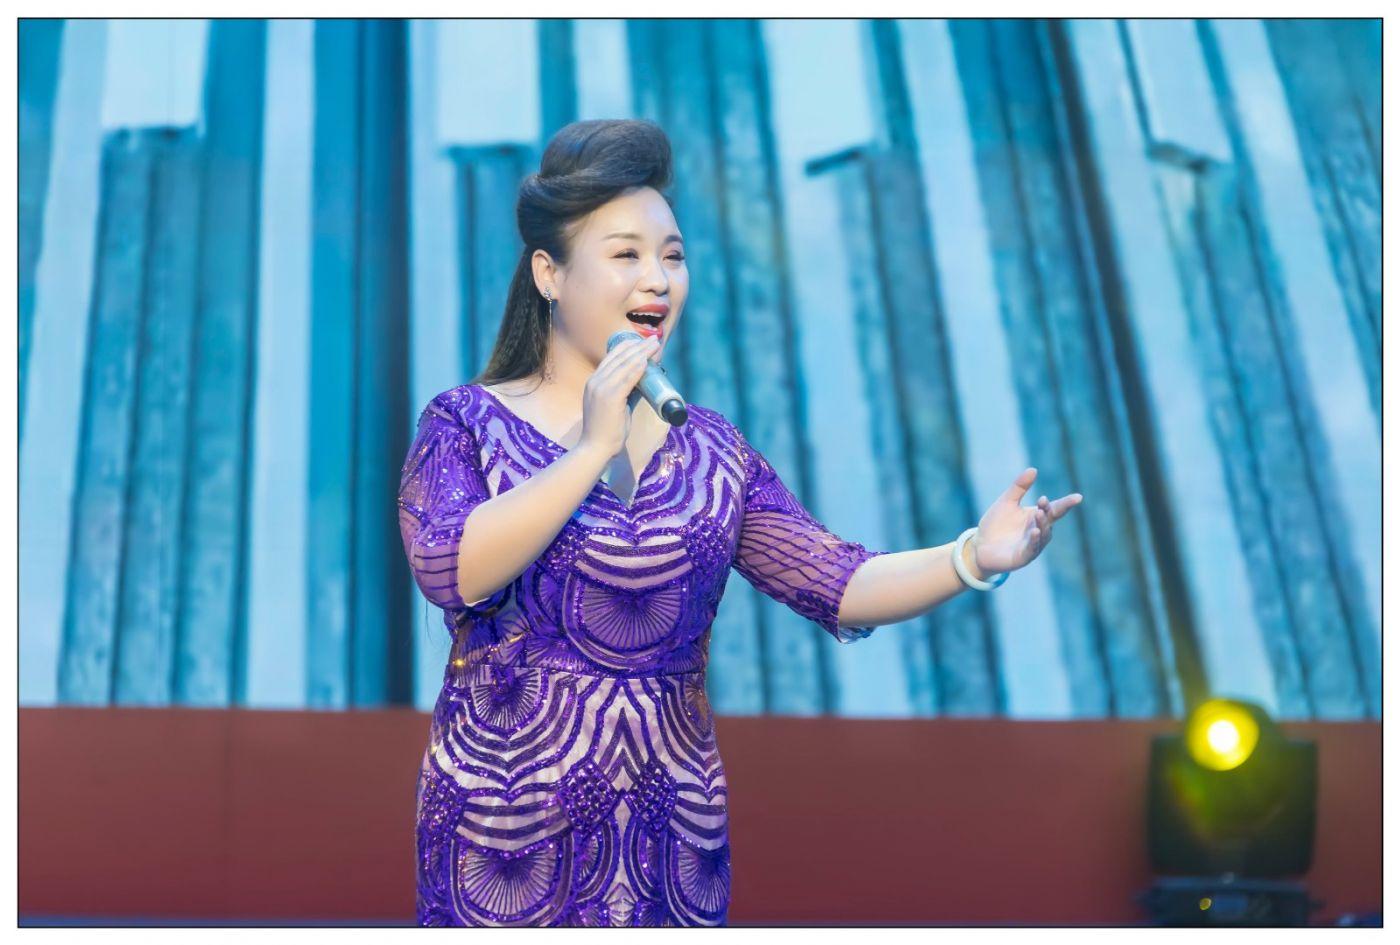 临沂姑娘杨妮妮曾感动春晚总动员 今晚在临沂电视台大放异彩 ..._图1-25